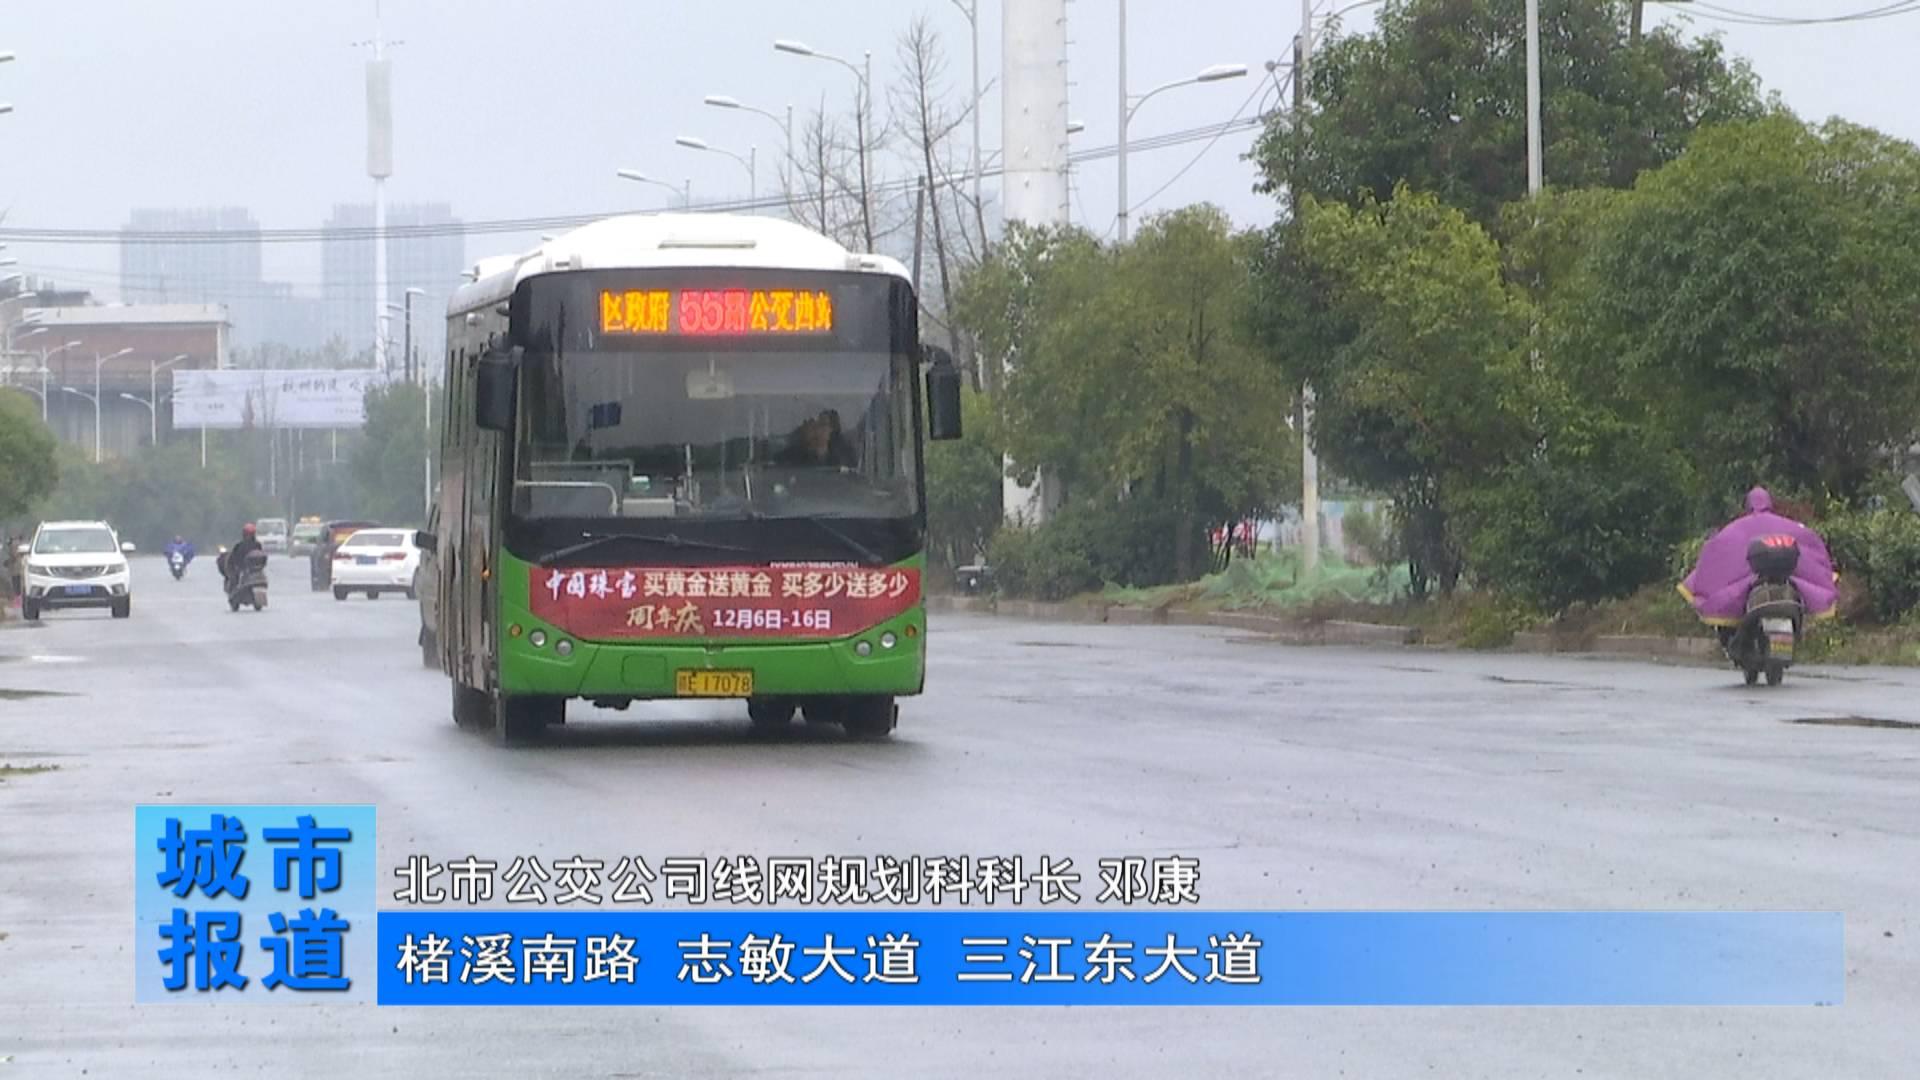 两条新公交线路开通 方便沿线居民出行